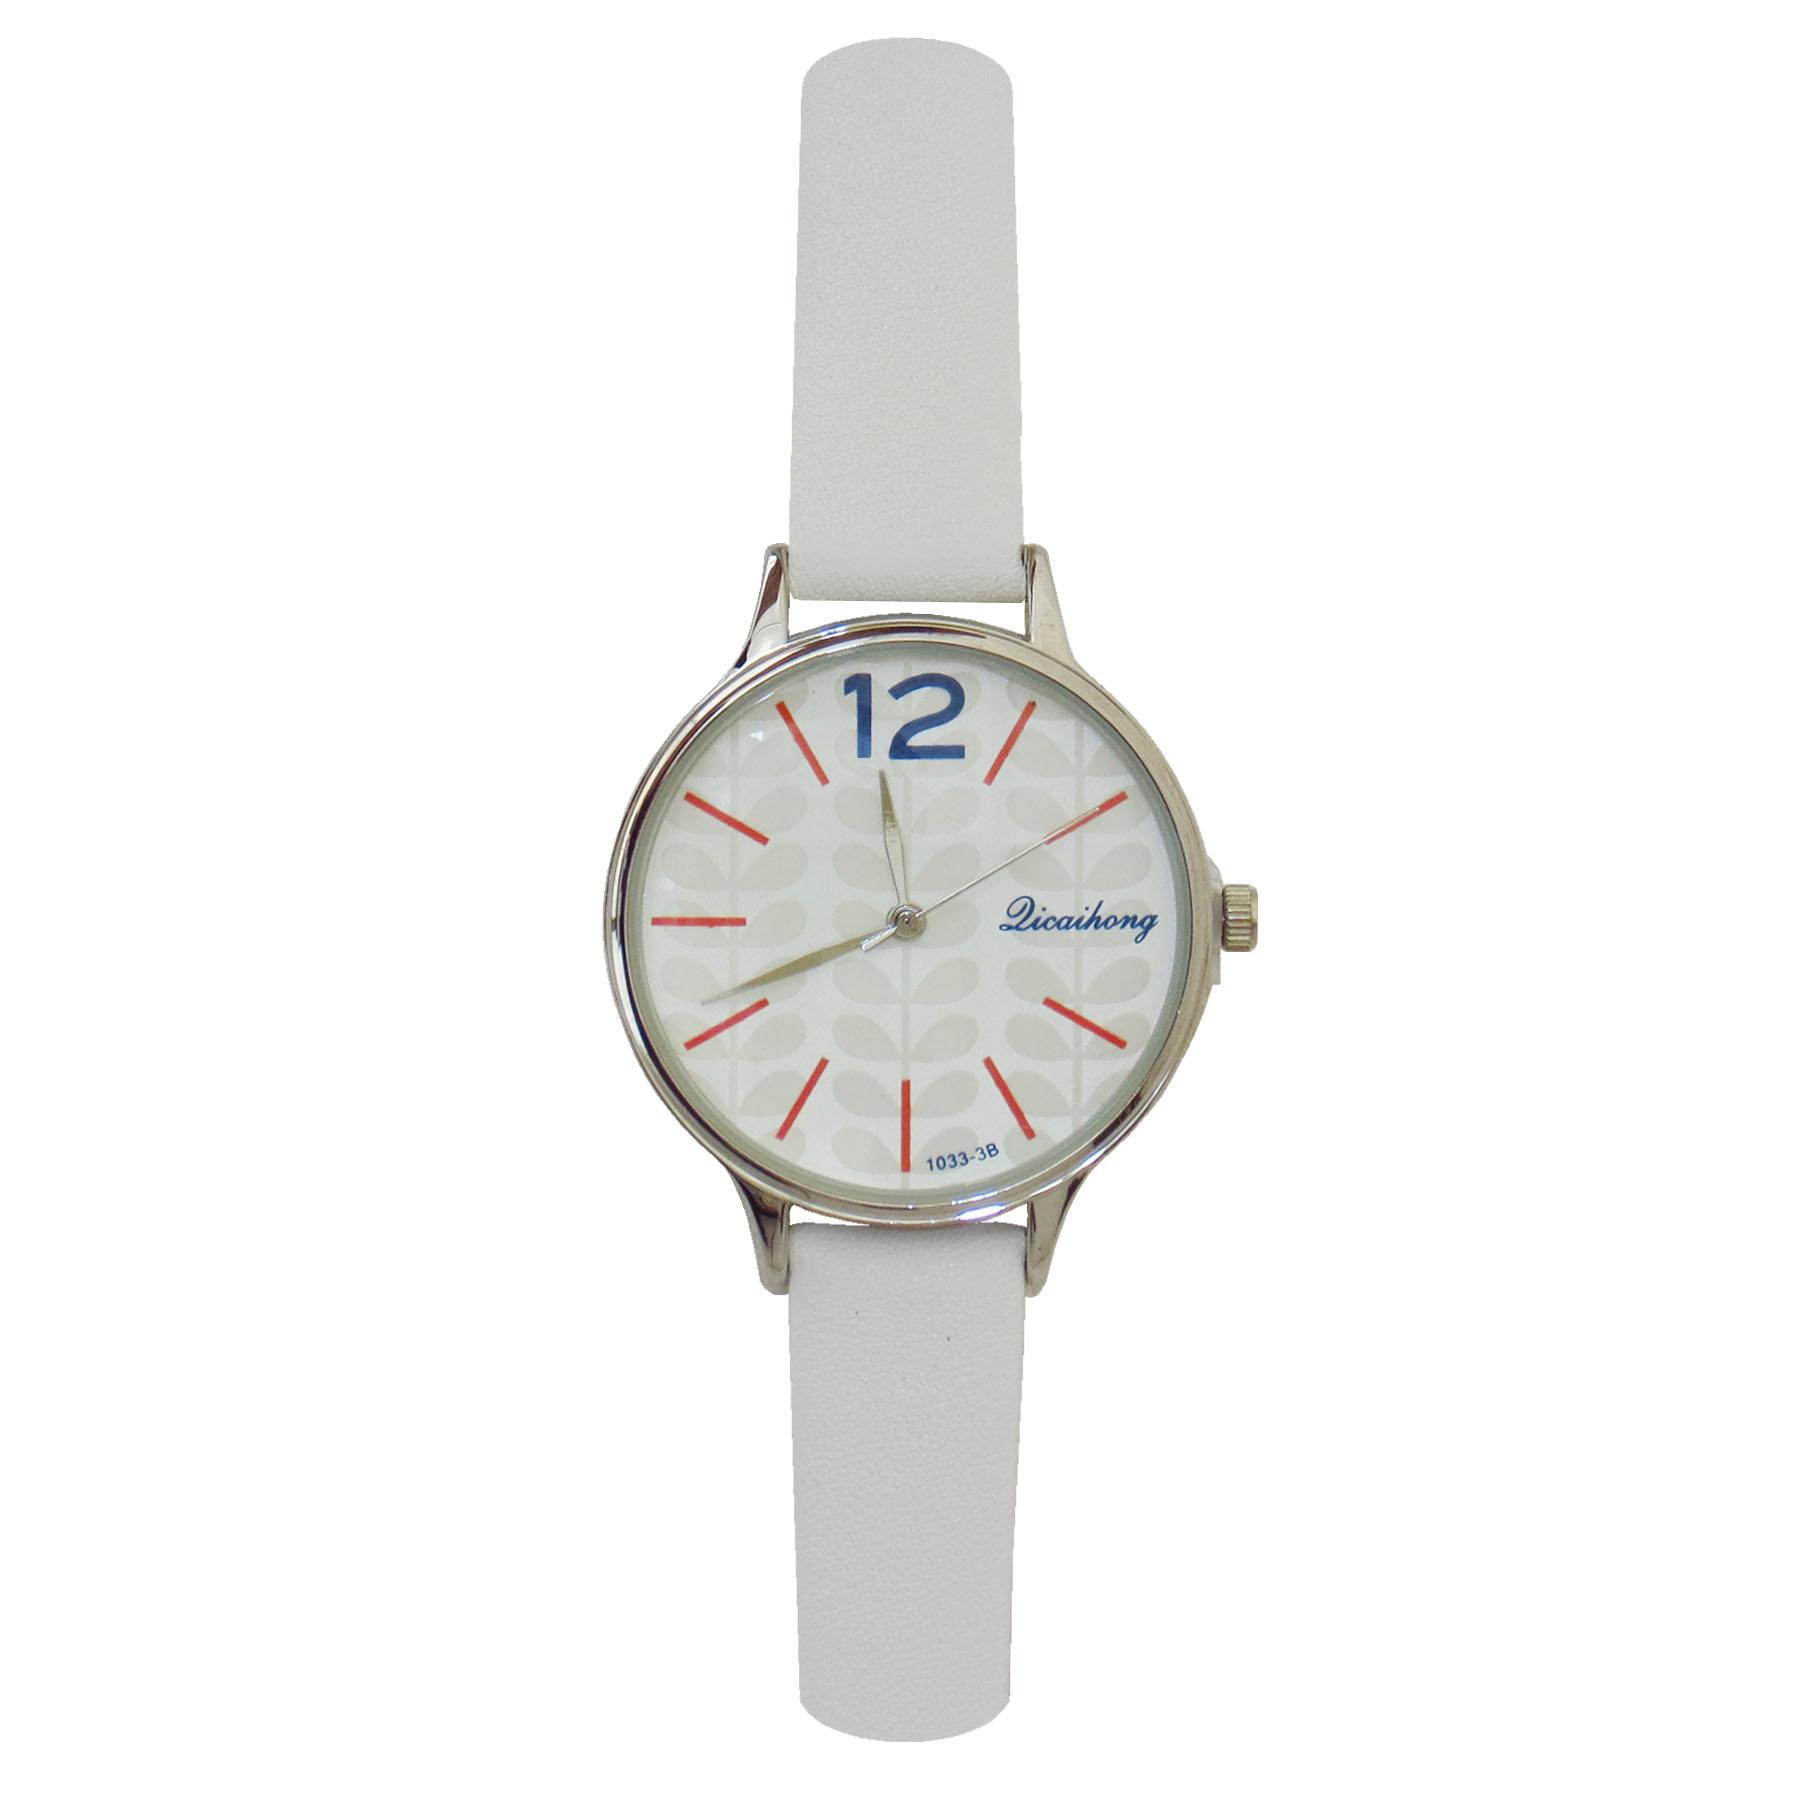 خرید و قیمت                       ساعت مچی  زنانه لیکایهونگ کد 3-1033